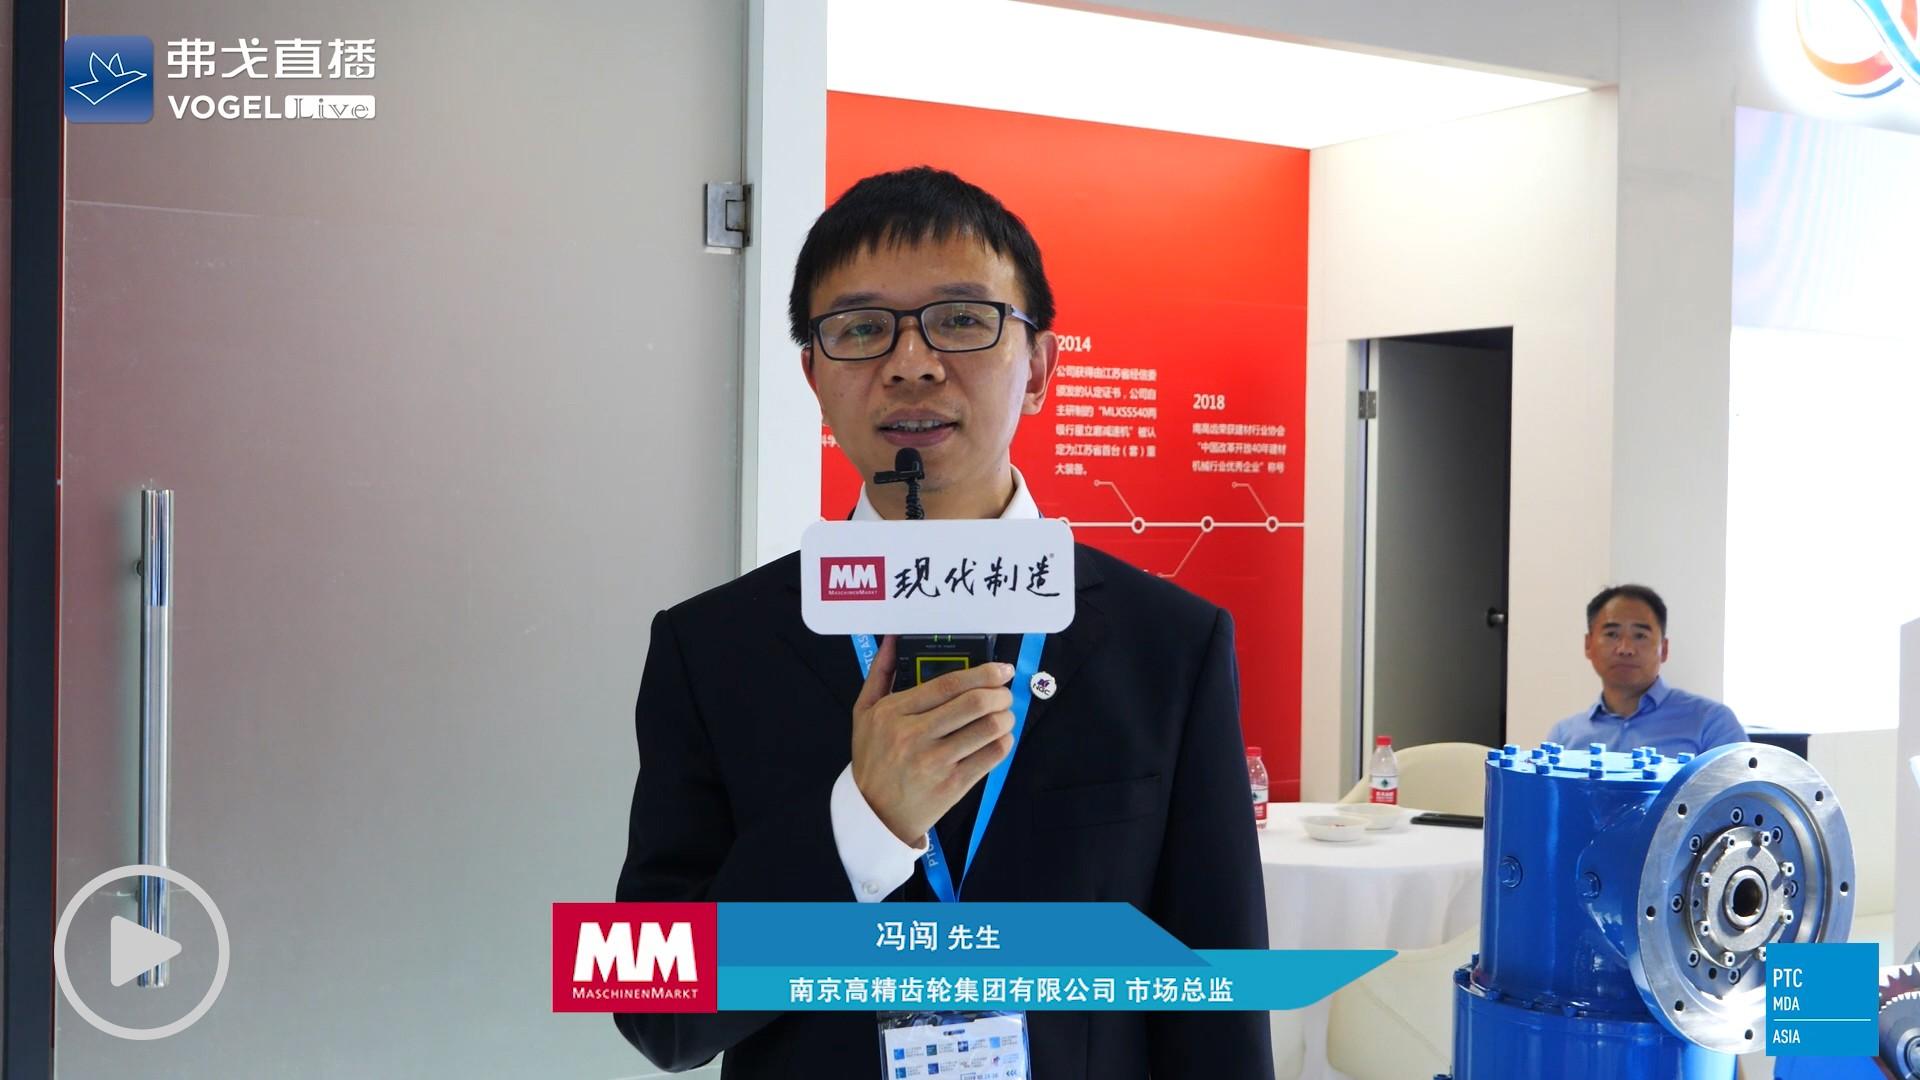 南京高精齿轮集团有限公司 市场总监 - 冯闯 先生